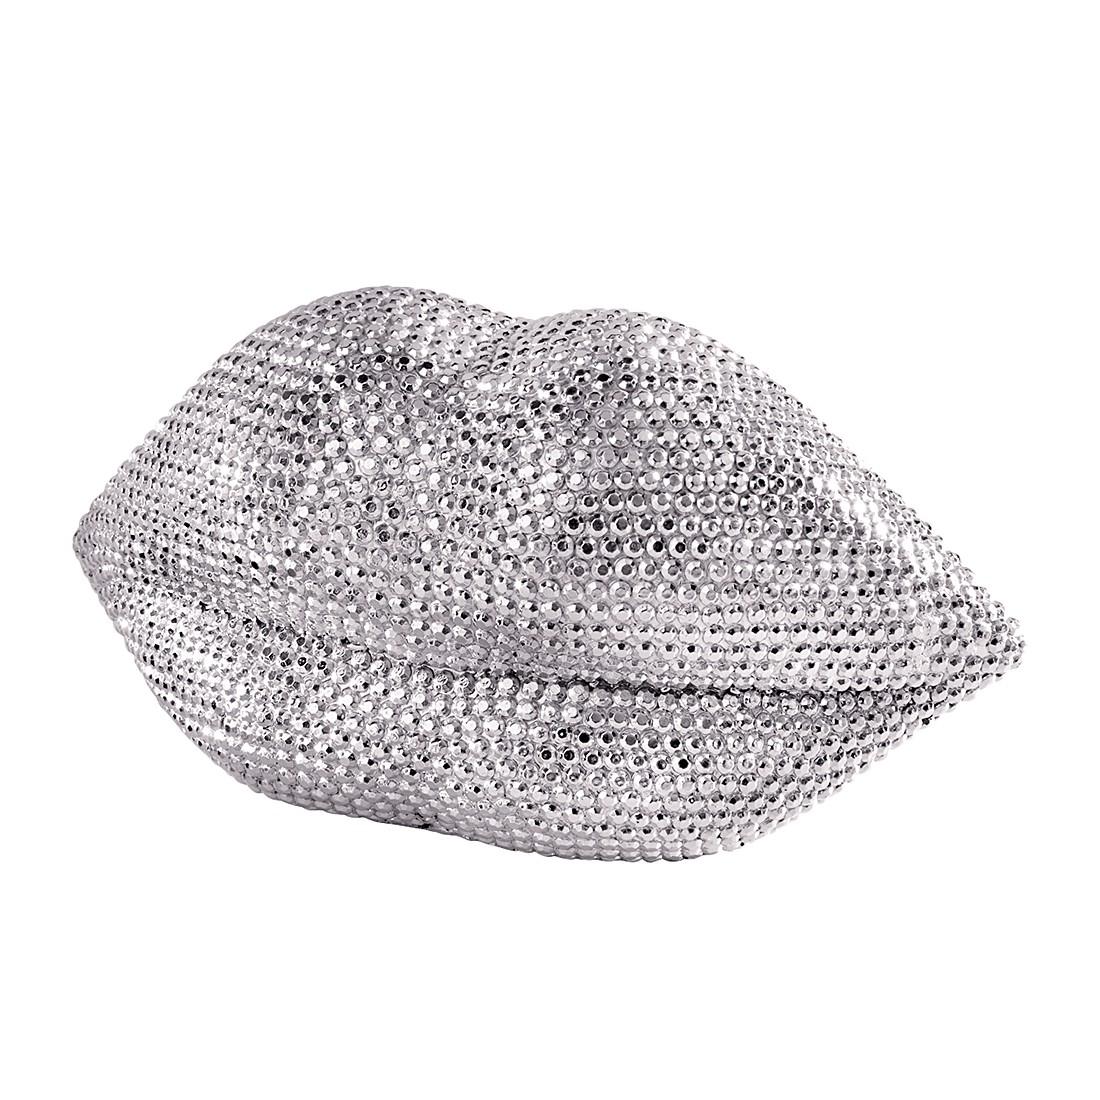 Deko-Objekt Mund – Polyresin – Silber, PureDay online kaufen